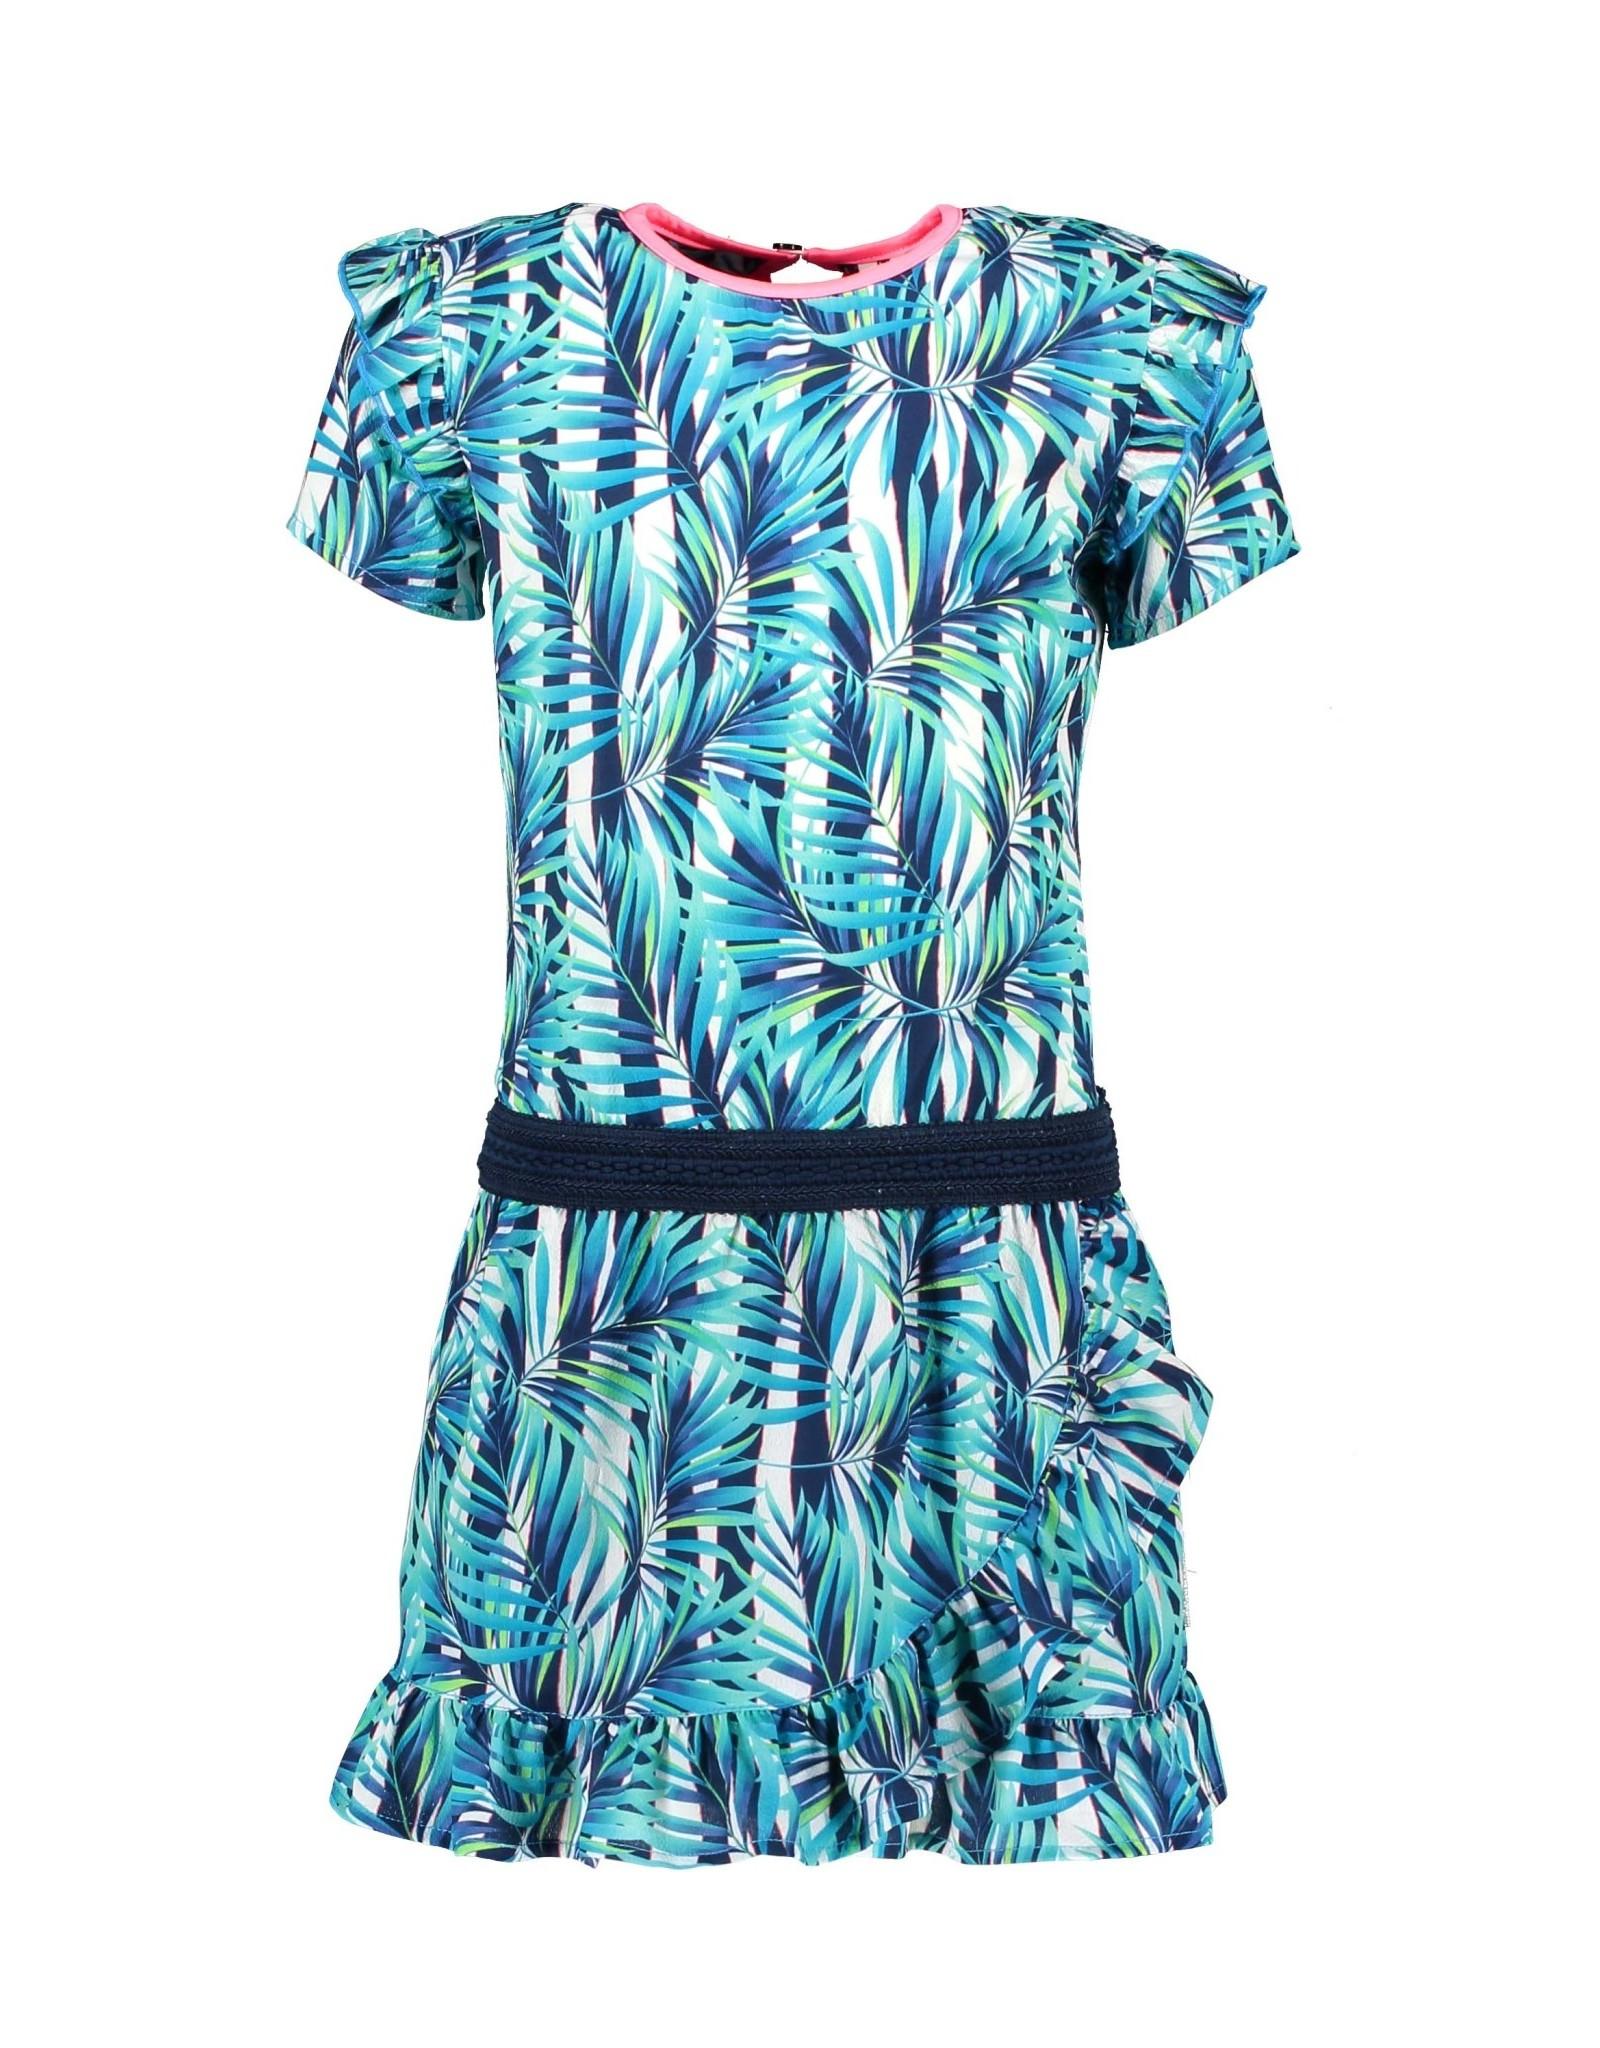 B.Nosy B.Nosy meisjes jurk Tropical Palm